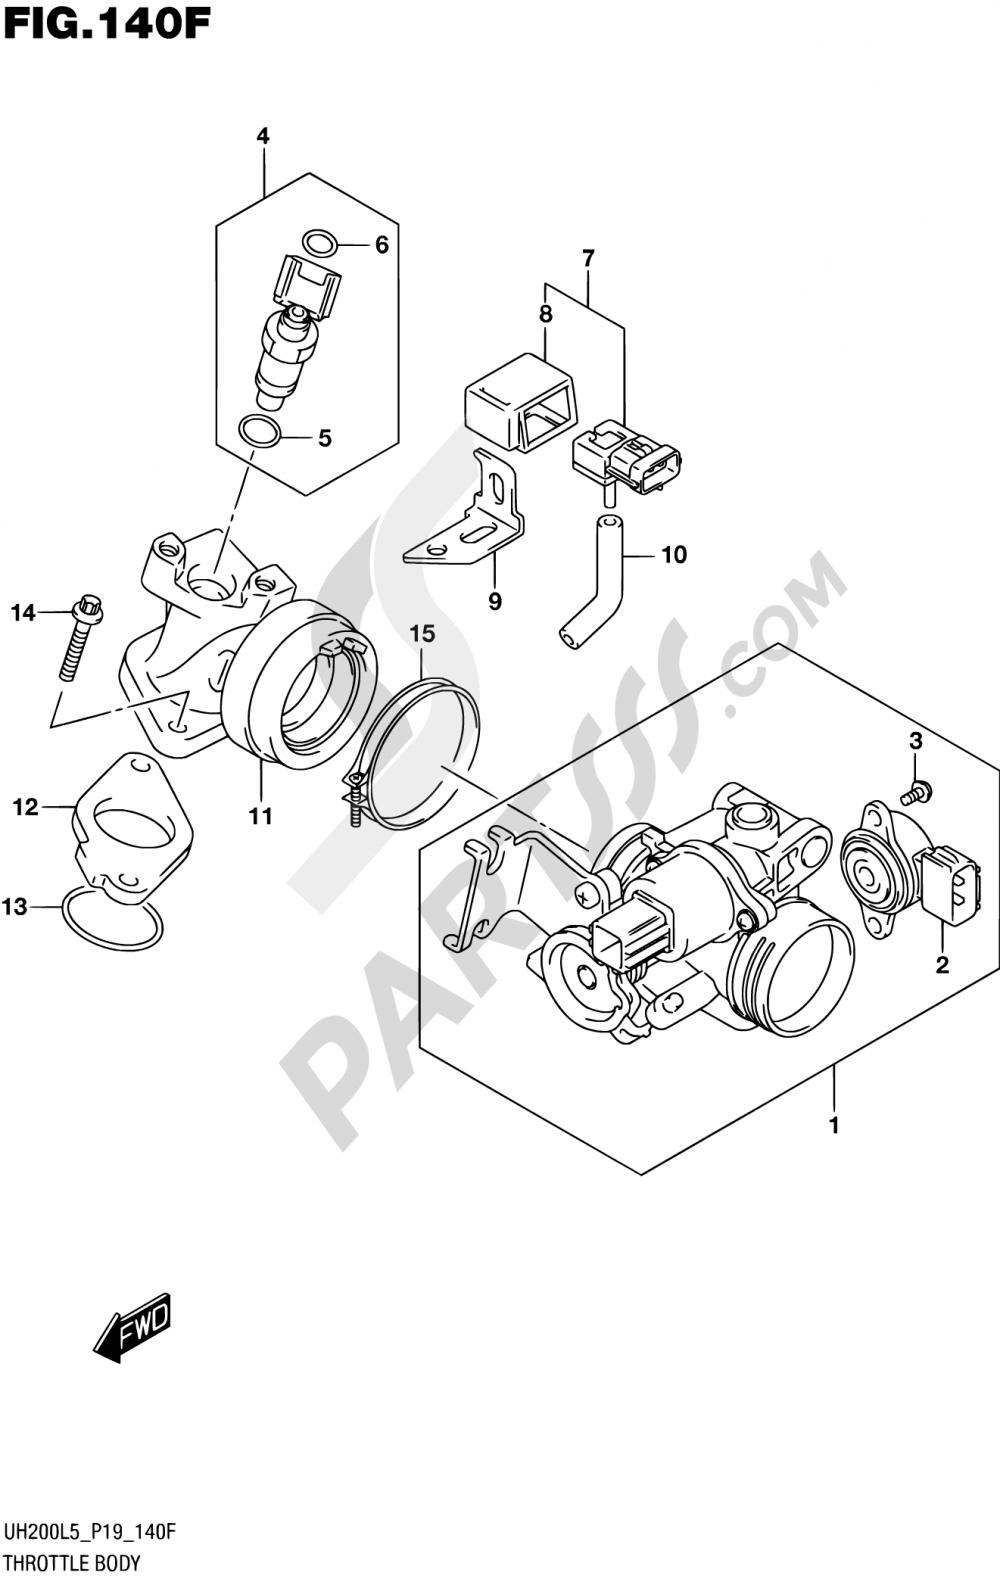 140F - THROTTLE BODY (UH200AL5 P19) Suzuki BURGMAN UH200 2015